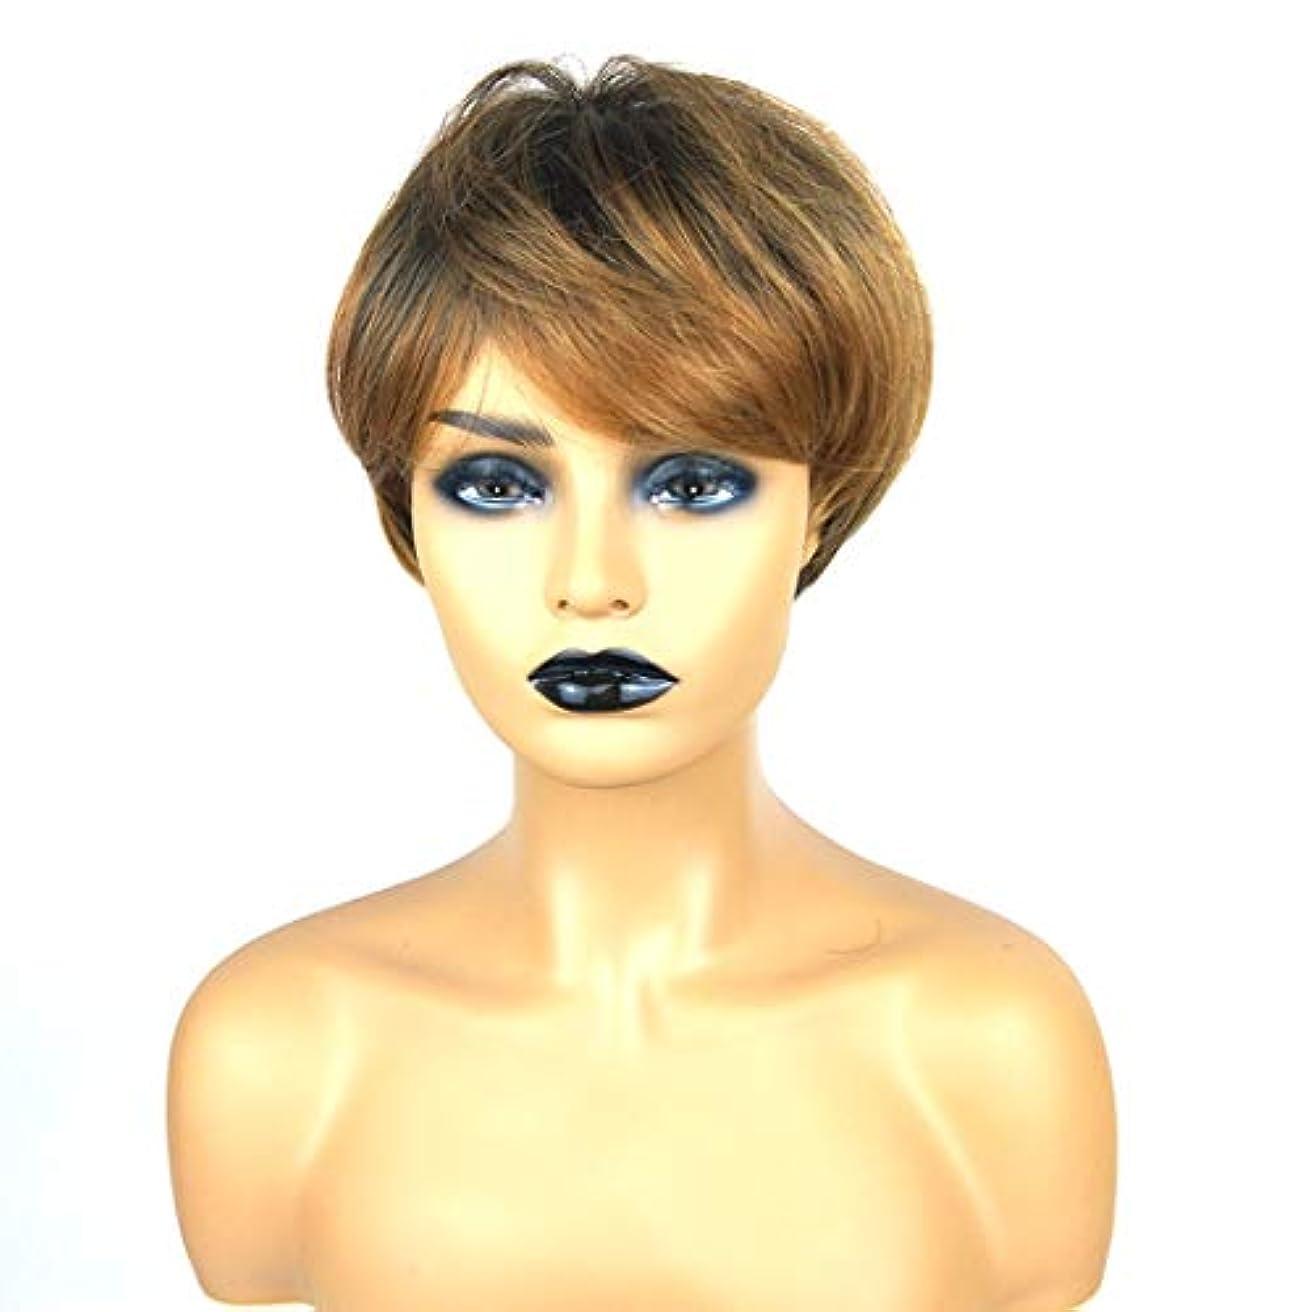 タンザニア正直文明化Kerwinner ショートボブの髪の毛のかつら本物の髪として自然な女性のための合成かつらとストレートウィッグ